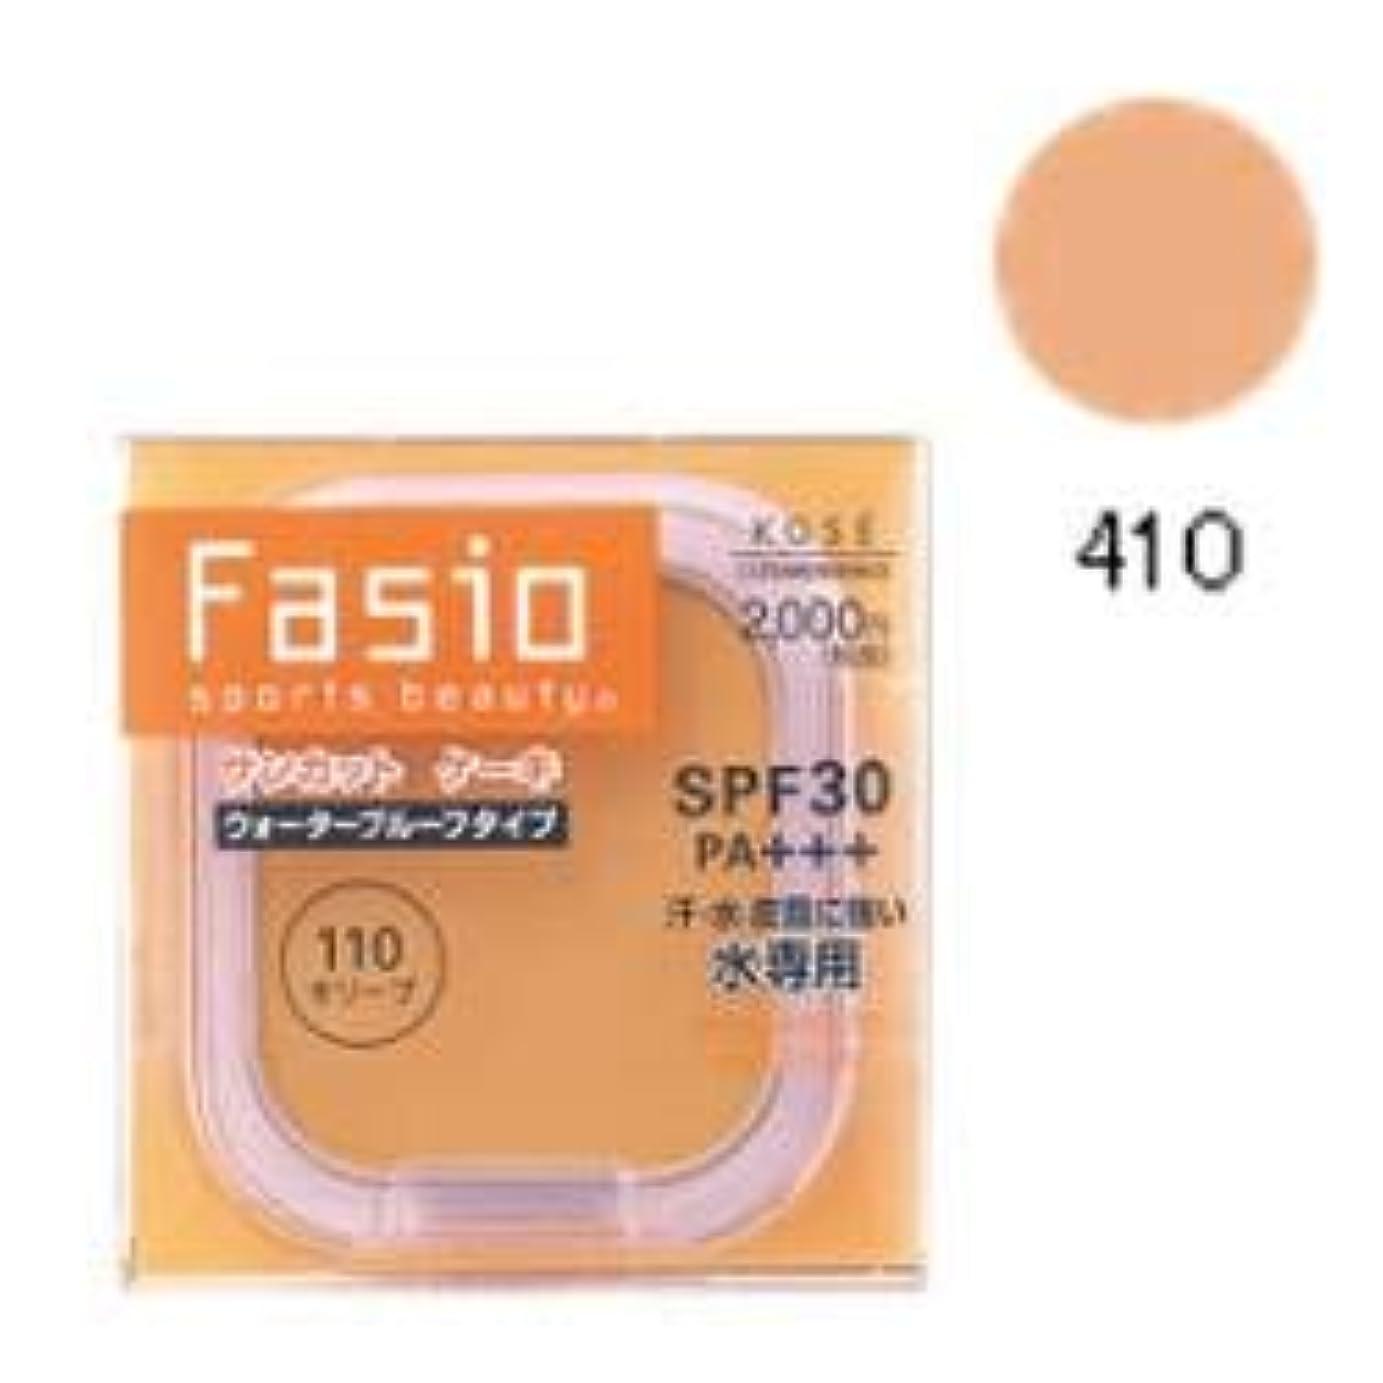 エンドテーブル証明導体コーセー Fasio ファシオ サンカット ケーキ 詰め替え用 410